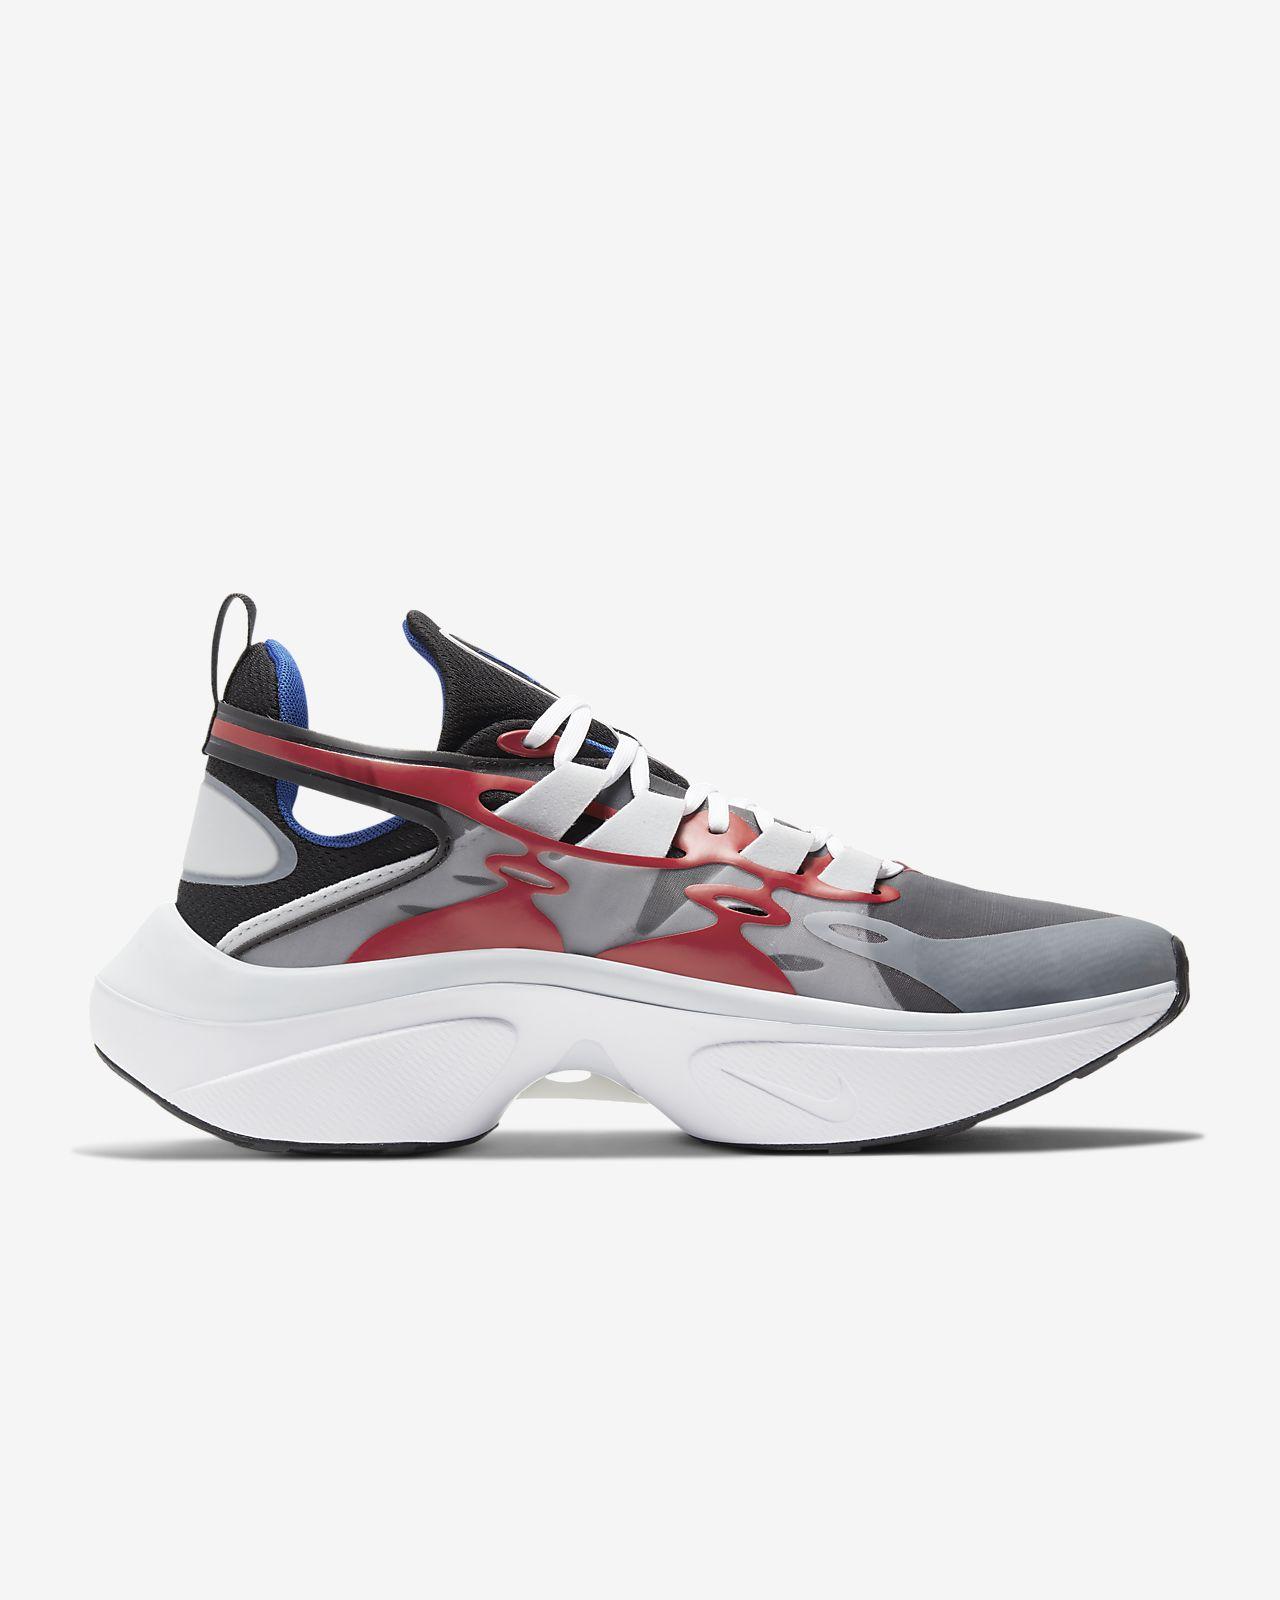 Nike Schuhe für Damen vereinen Innovation und Ästhetik. Aus